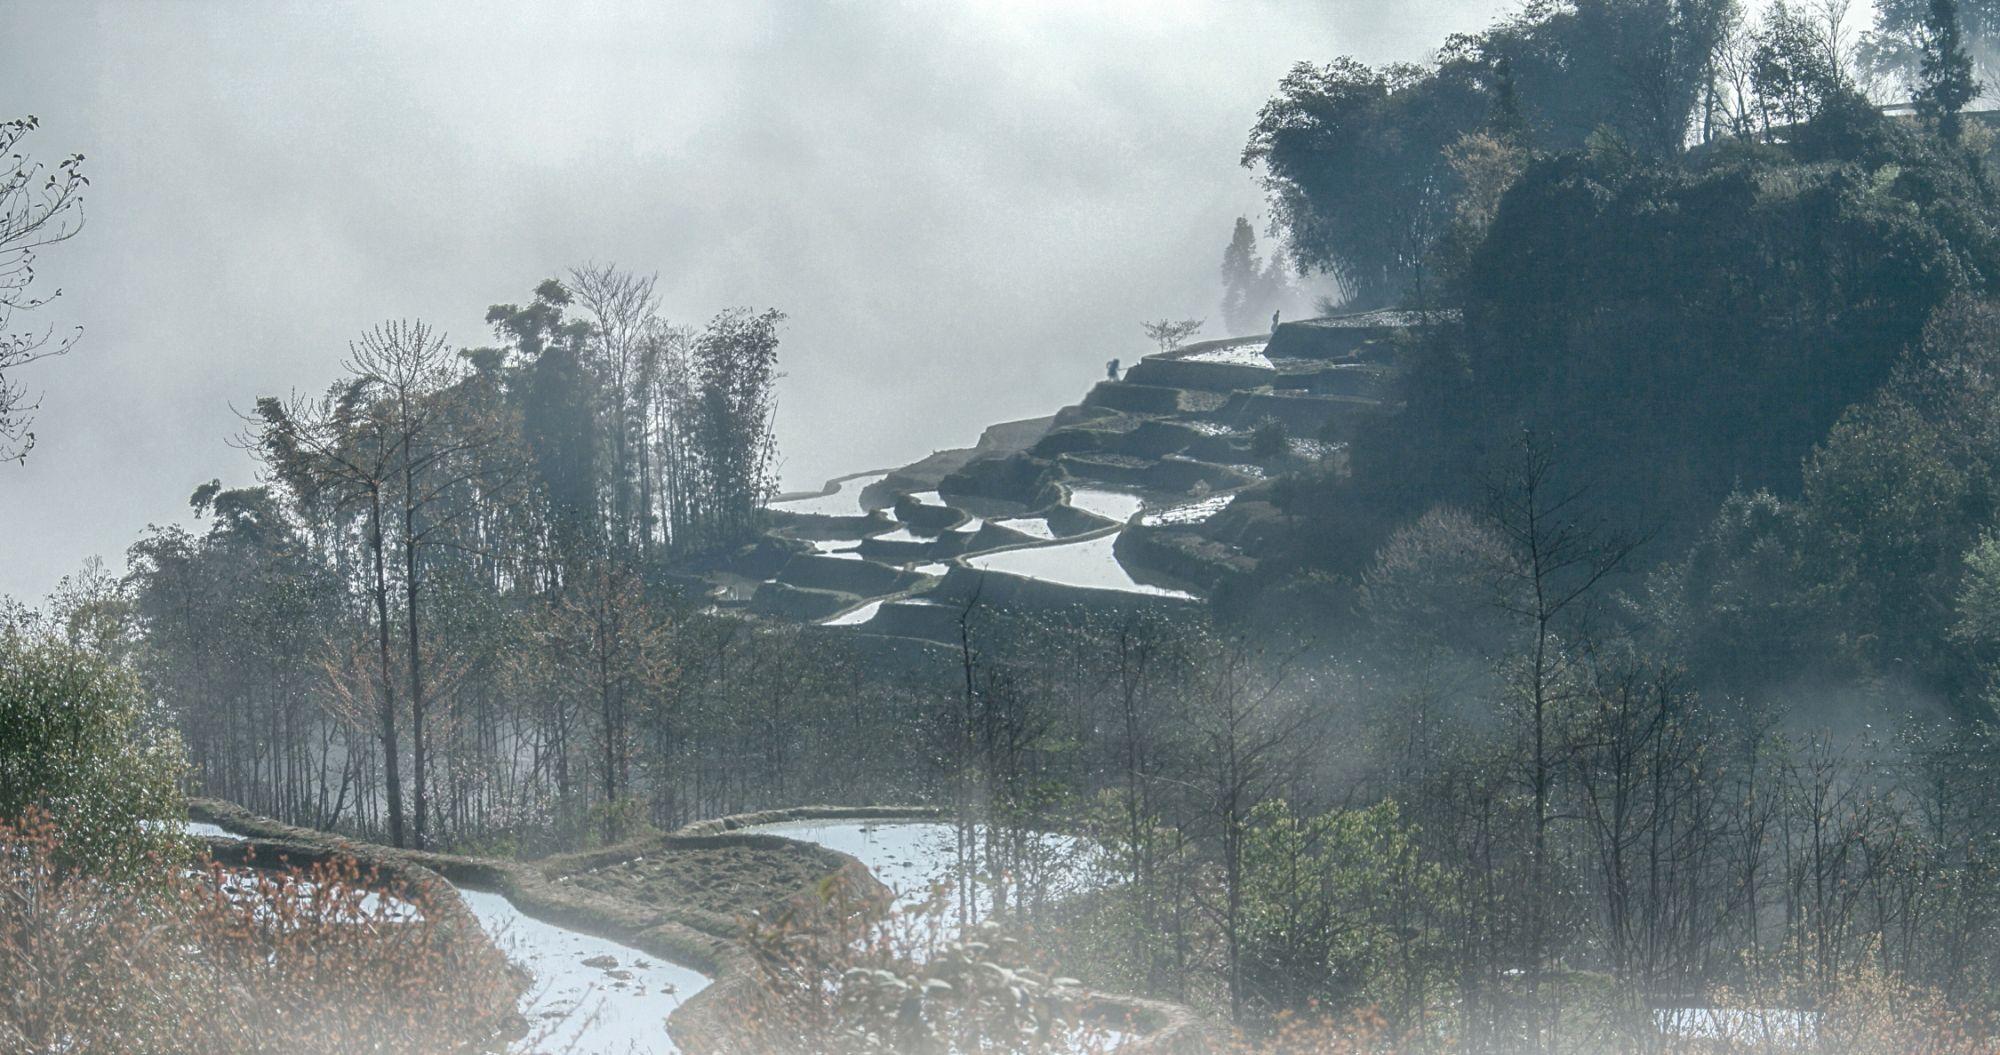 夏季云贵高原,云雾缭绕的实景大片分享!